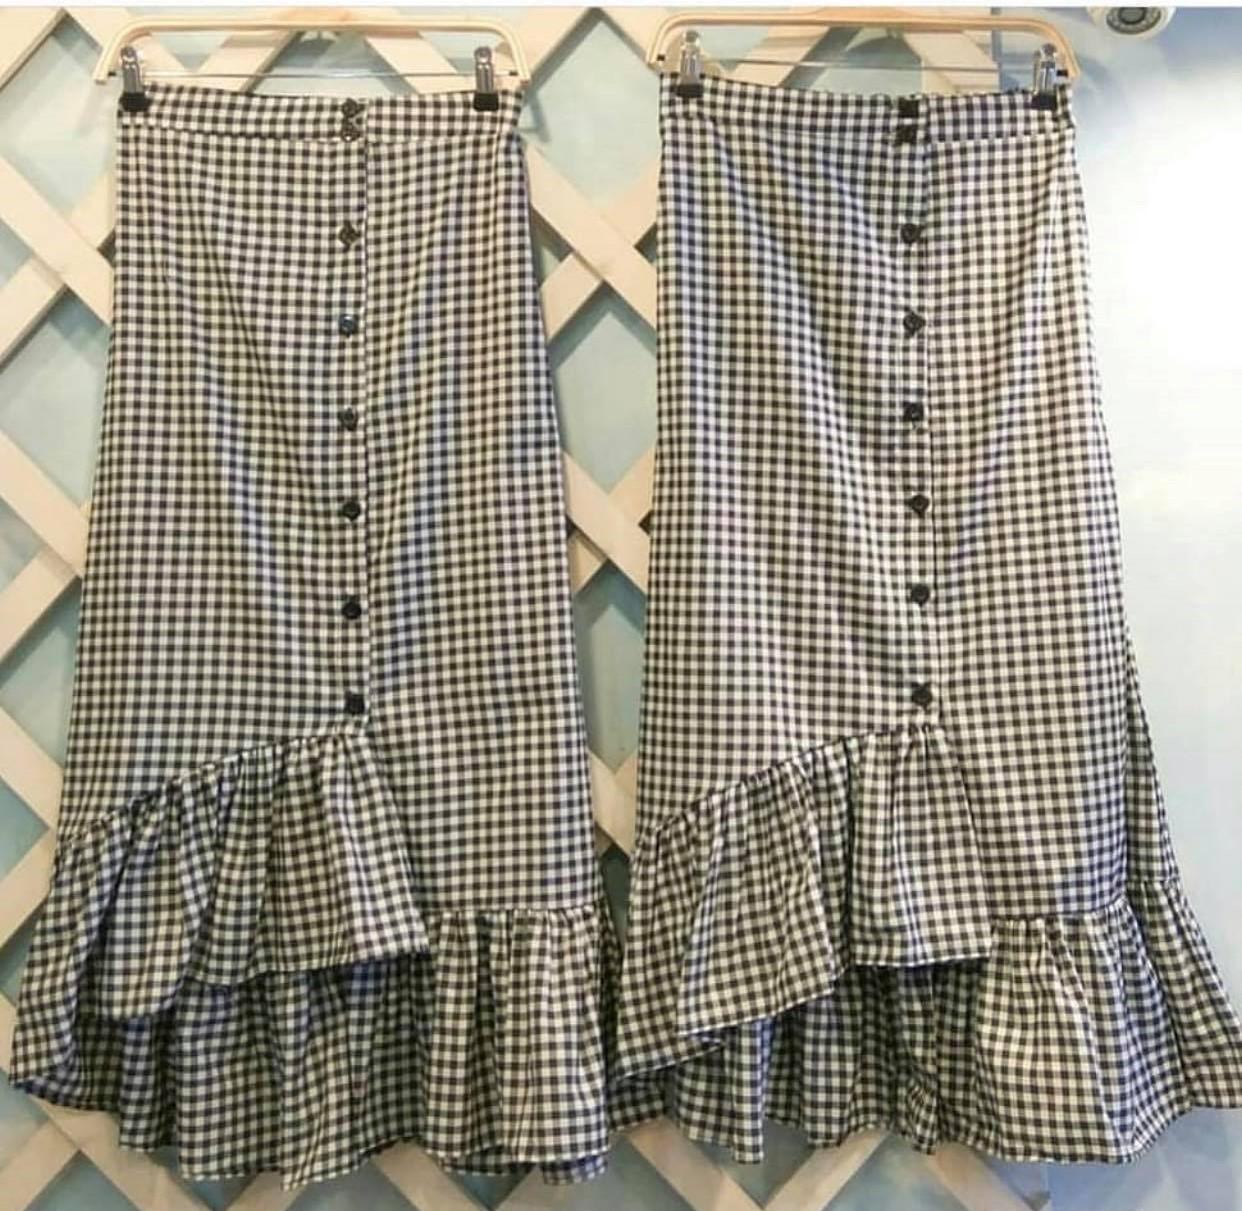 Labelledesign Rok Tartan Maxi Ruffle Skirt Hitam Putih Best Seller ZENIA